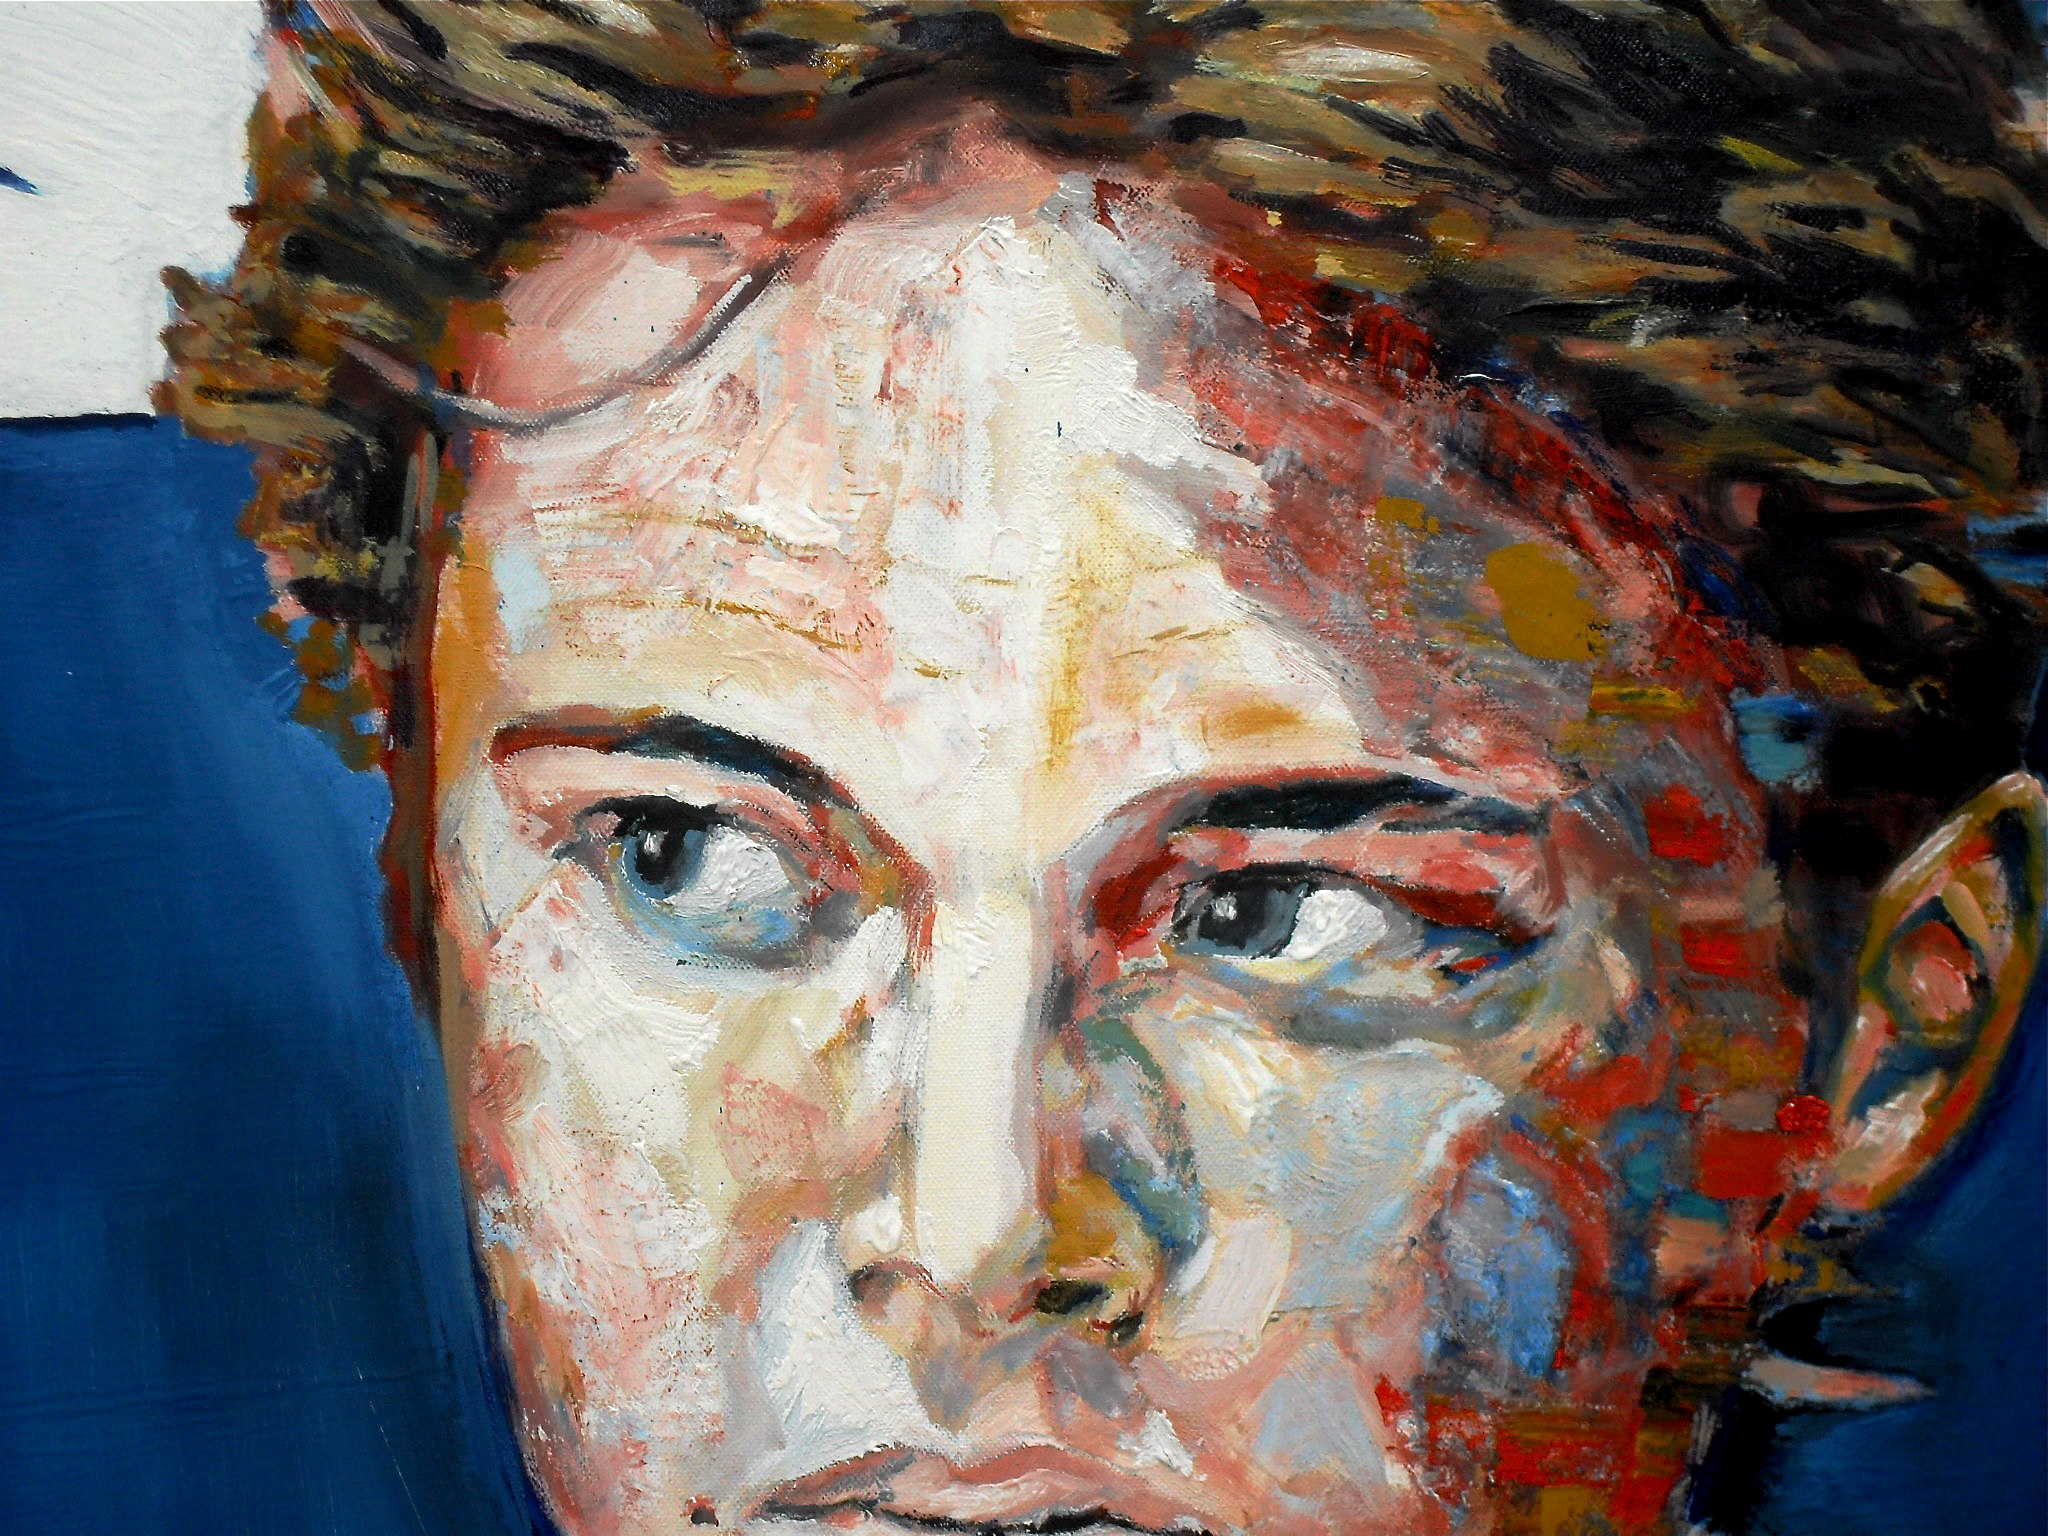 Détail du portrait de Dorian sur fond bleu. 2016. Par Stanmac